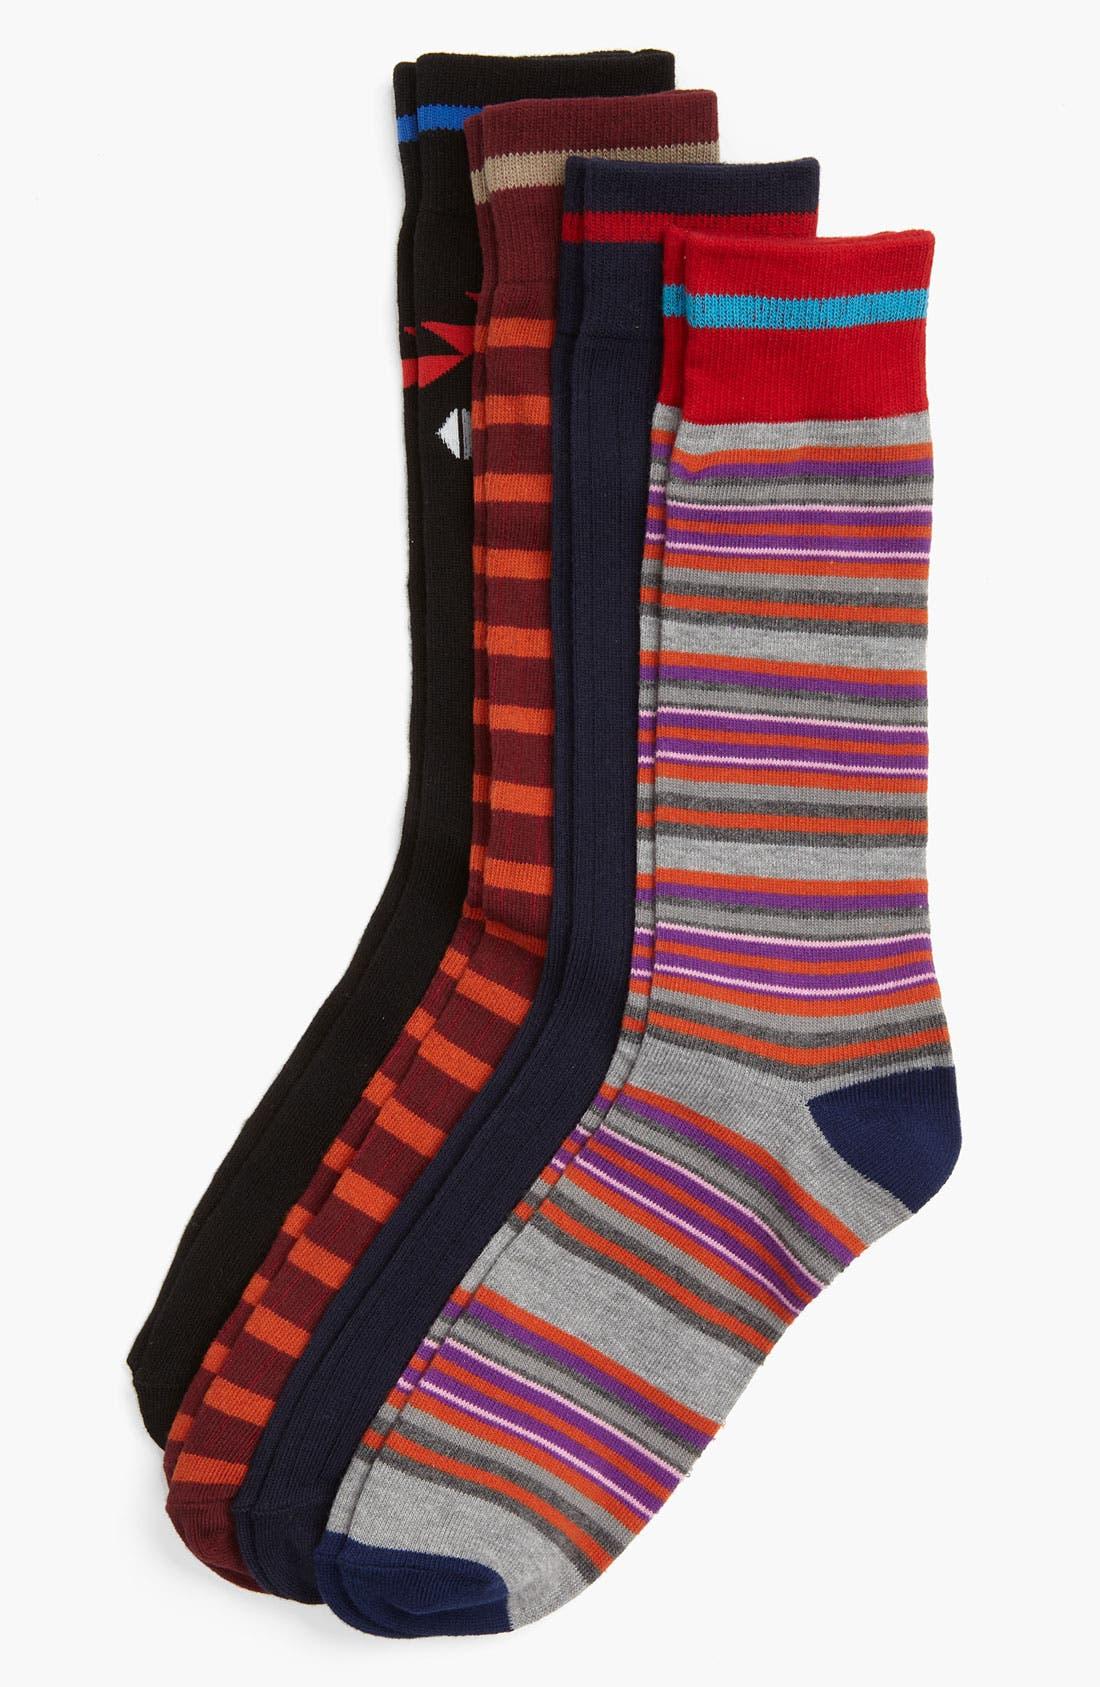 Main Image - Basic Sock Socks (4-Pack)